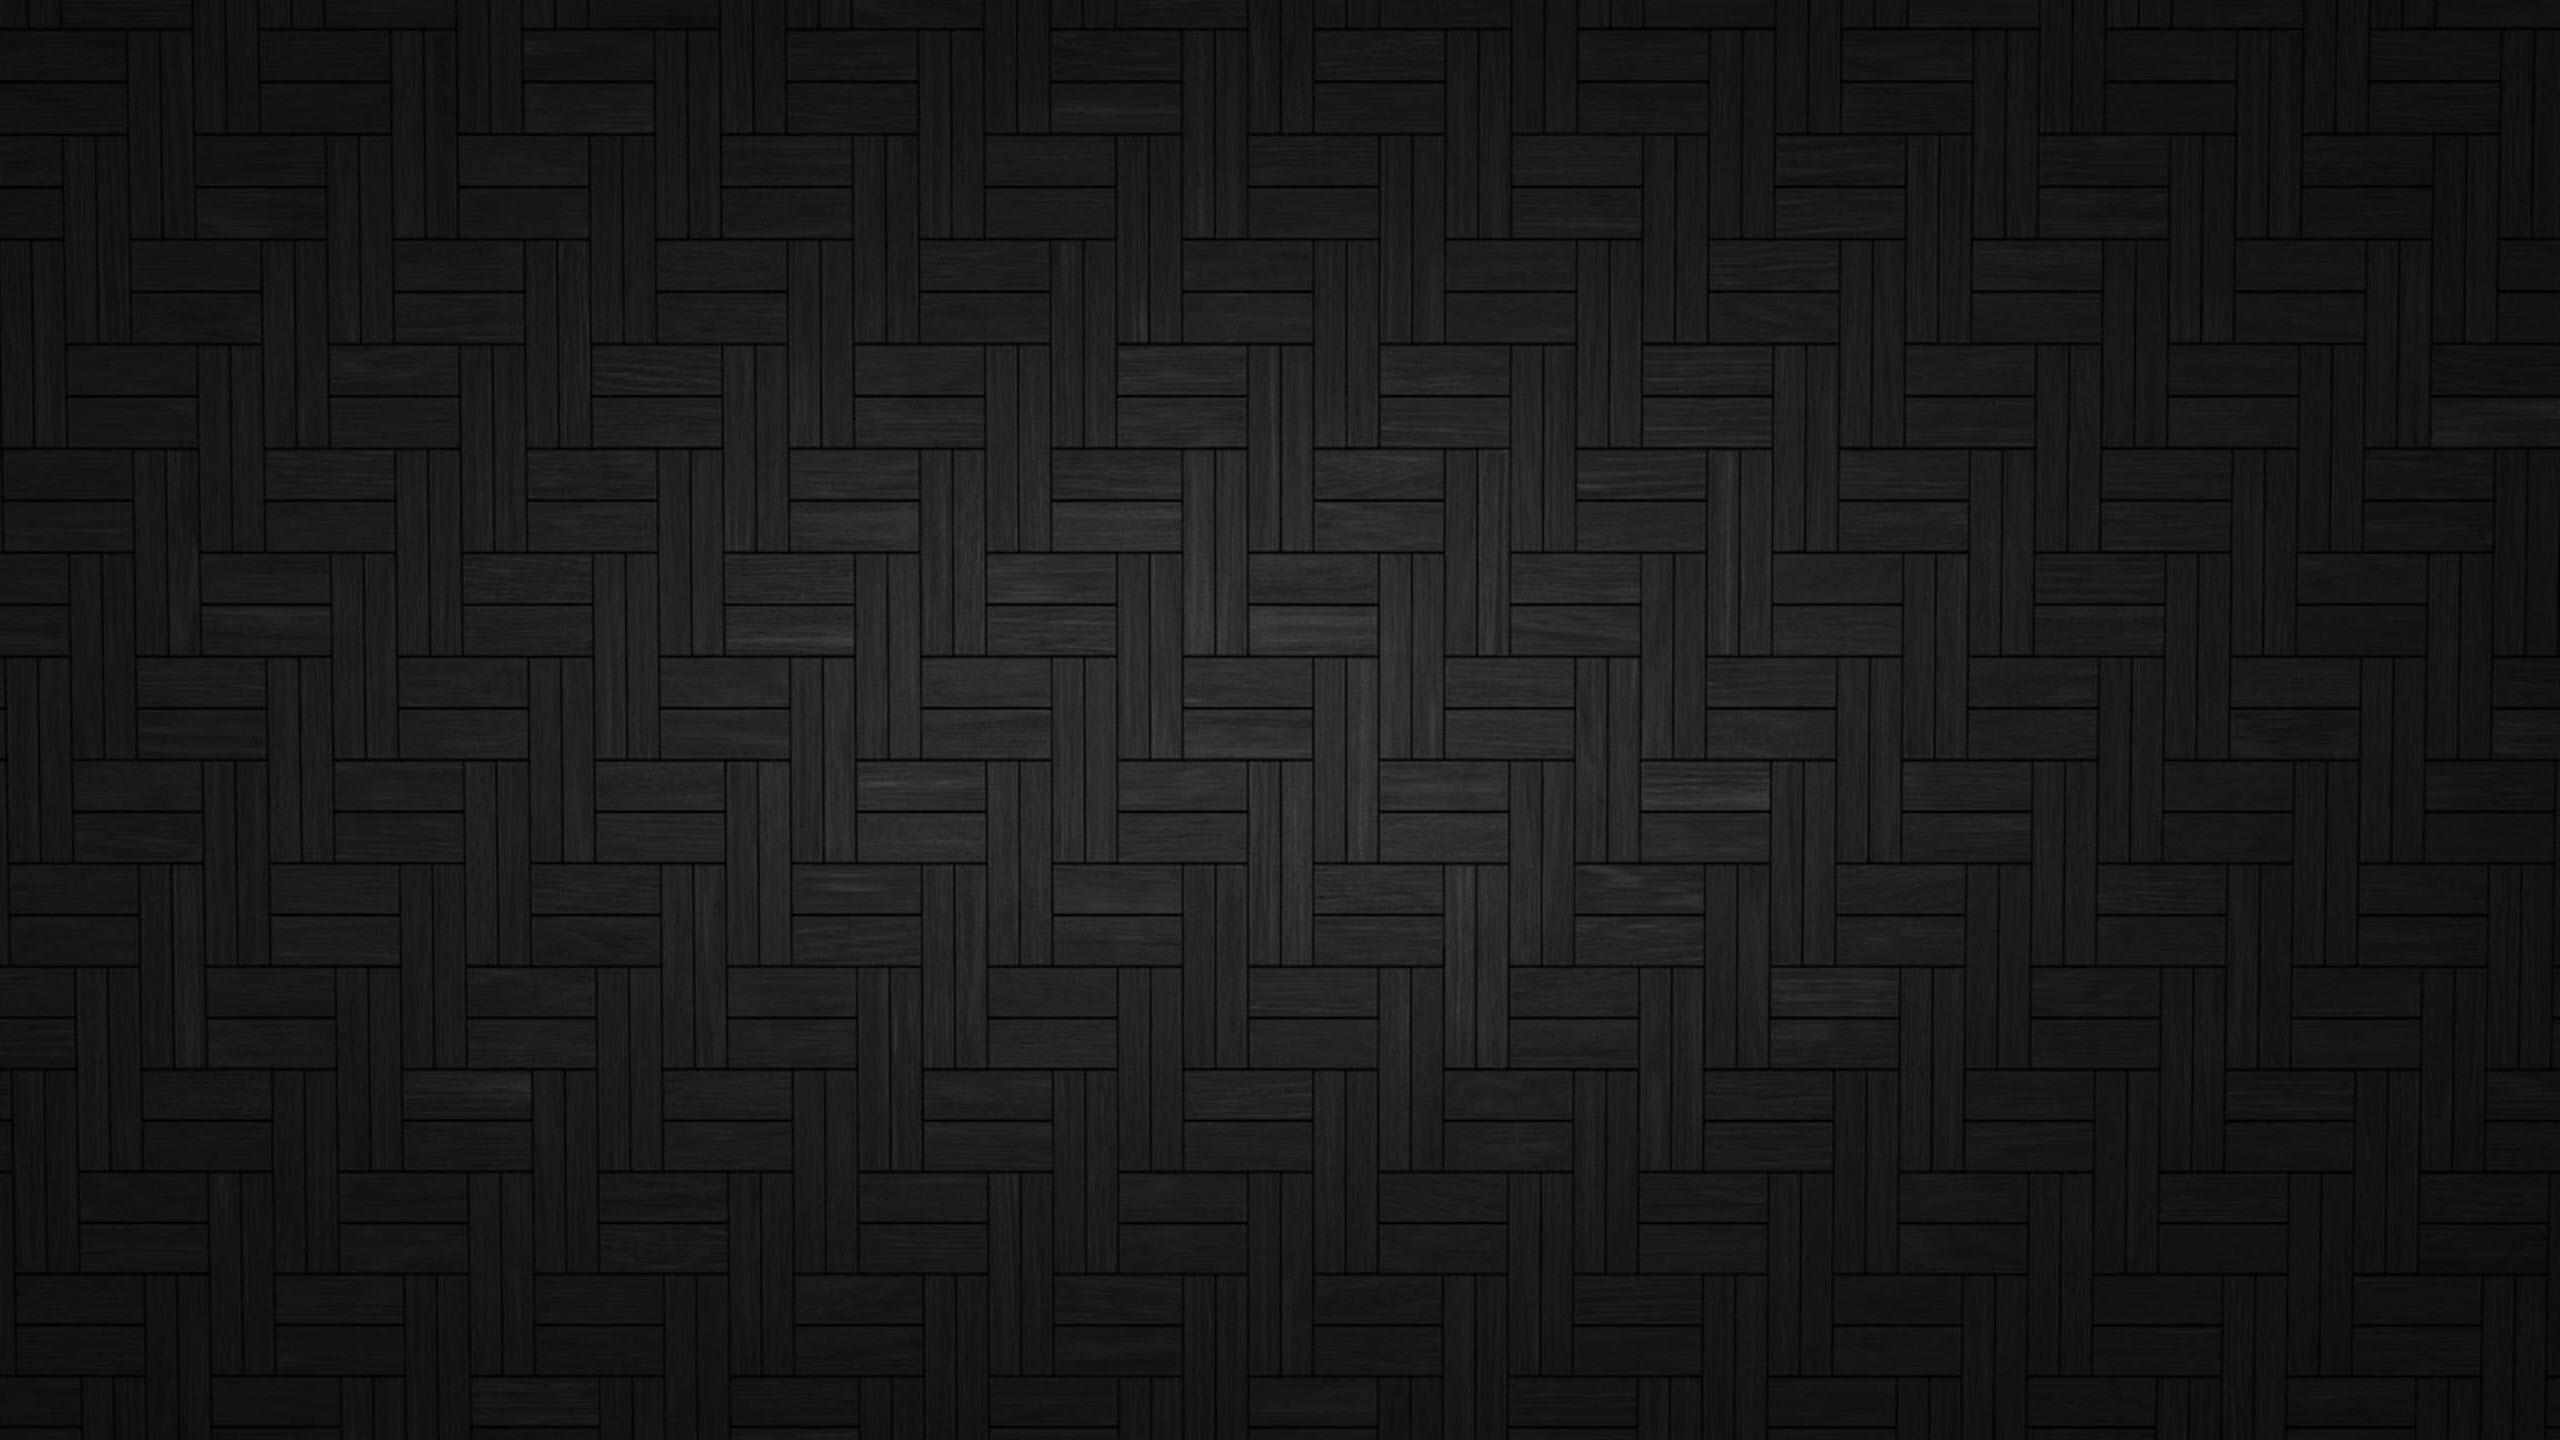 Hình nền đen 2K